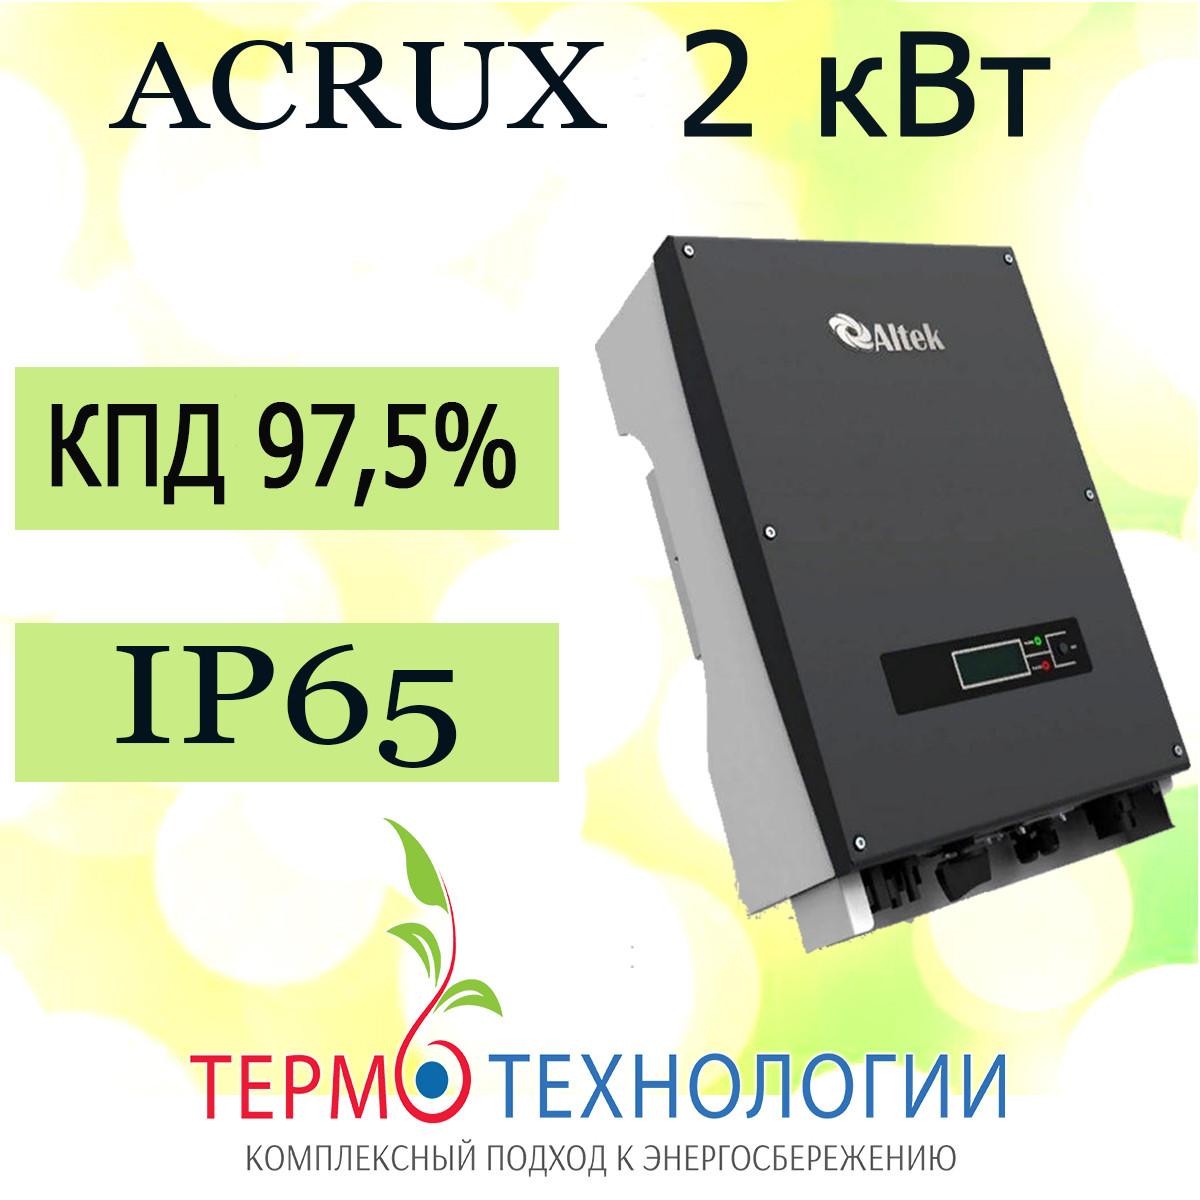 Солнечный инвертор сетевой ACRUX 2 кВт, 1Ф